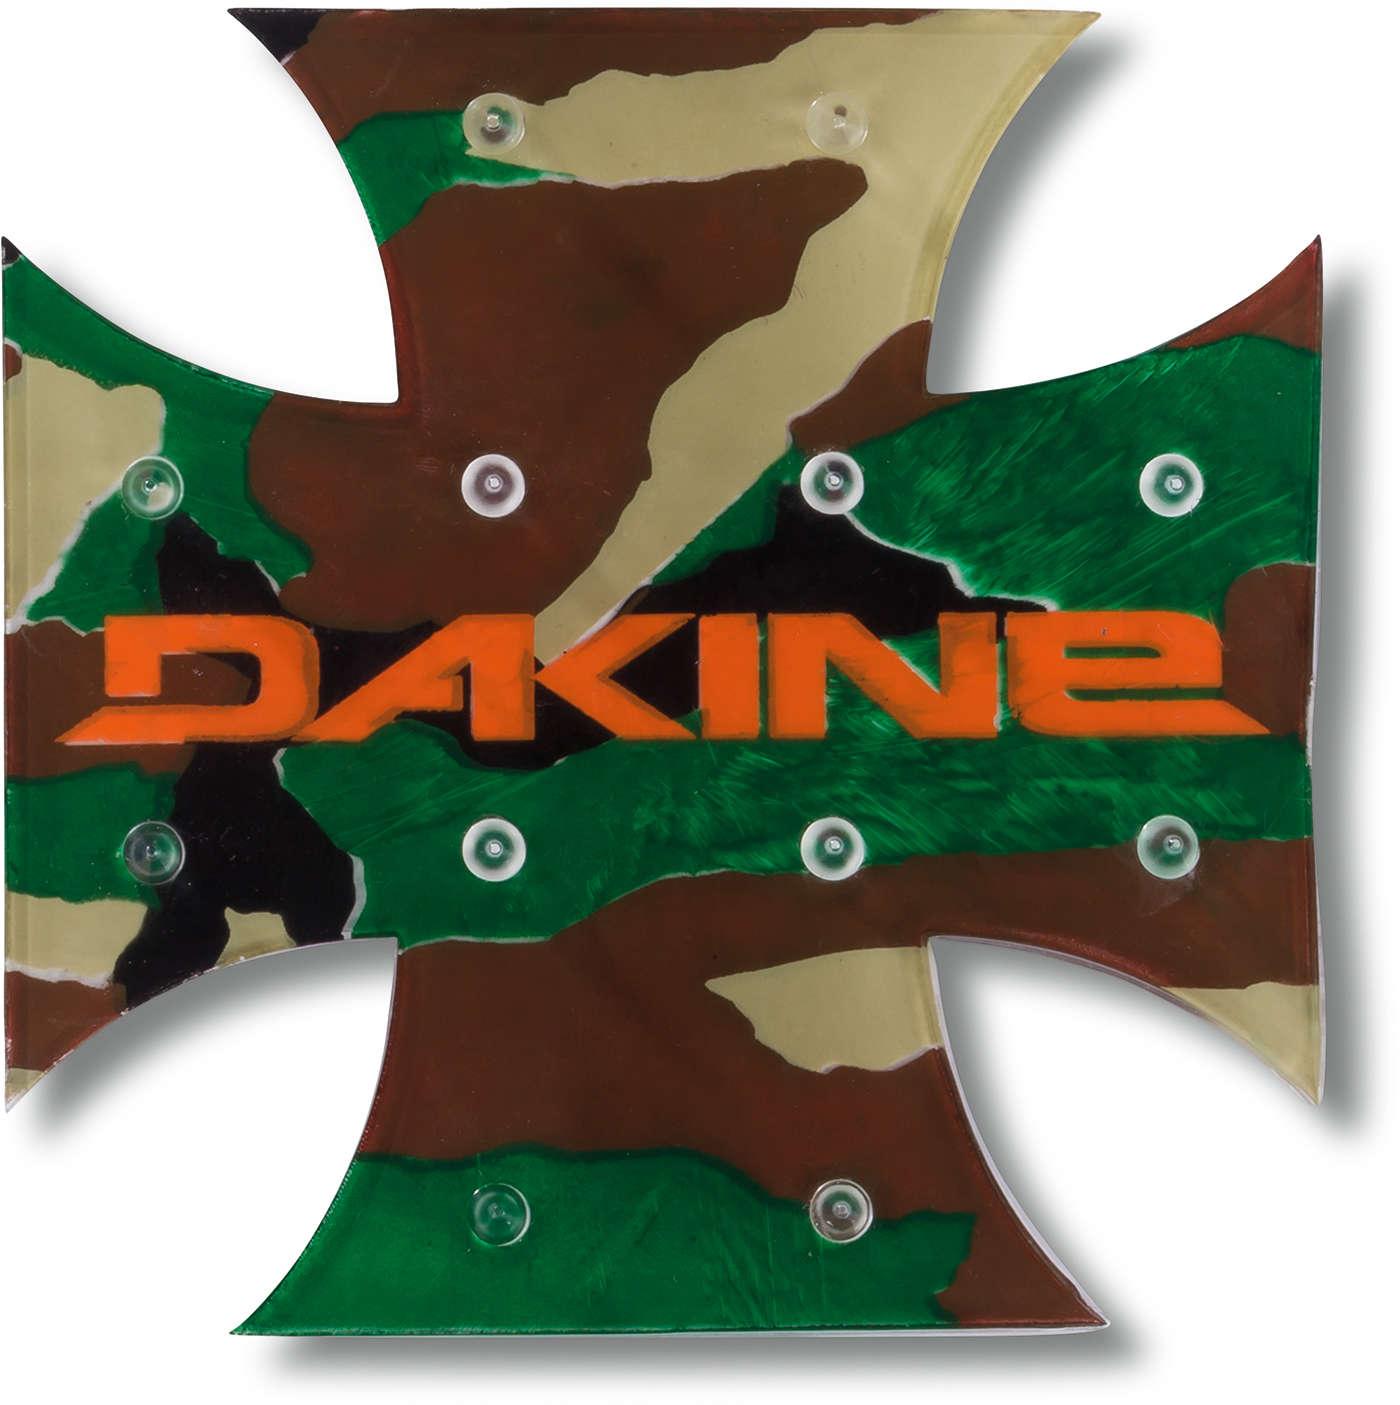 Купить Наклейка на доску DAKINE 2014-15 X-Mat 251 CAMO, Аксессуары, 1143488